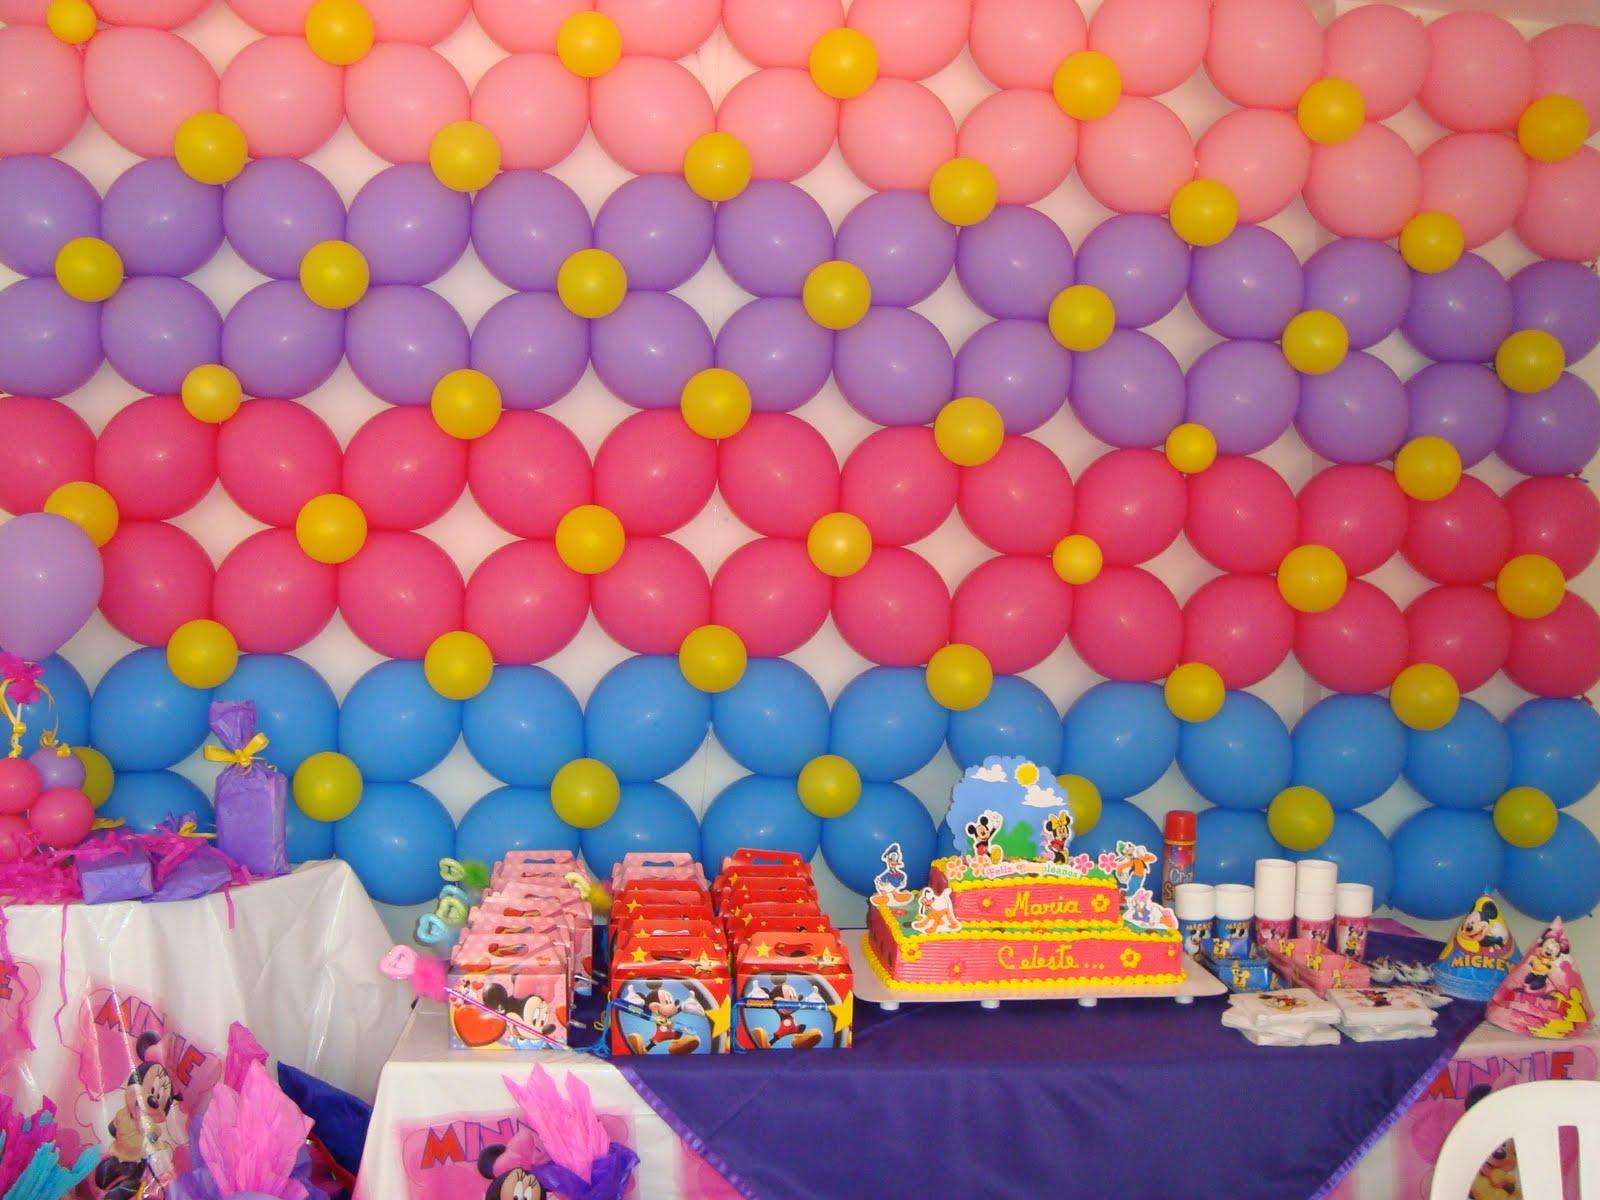 Decoracion con globos para fiestas infantiles tattoo - Decoracion fiesta infantil ...